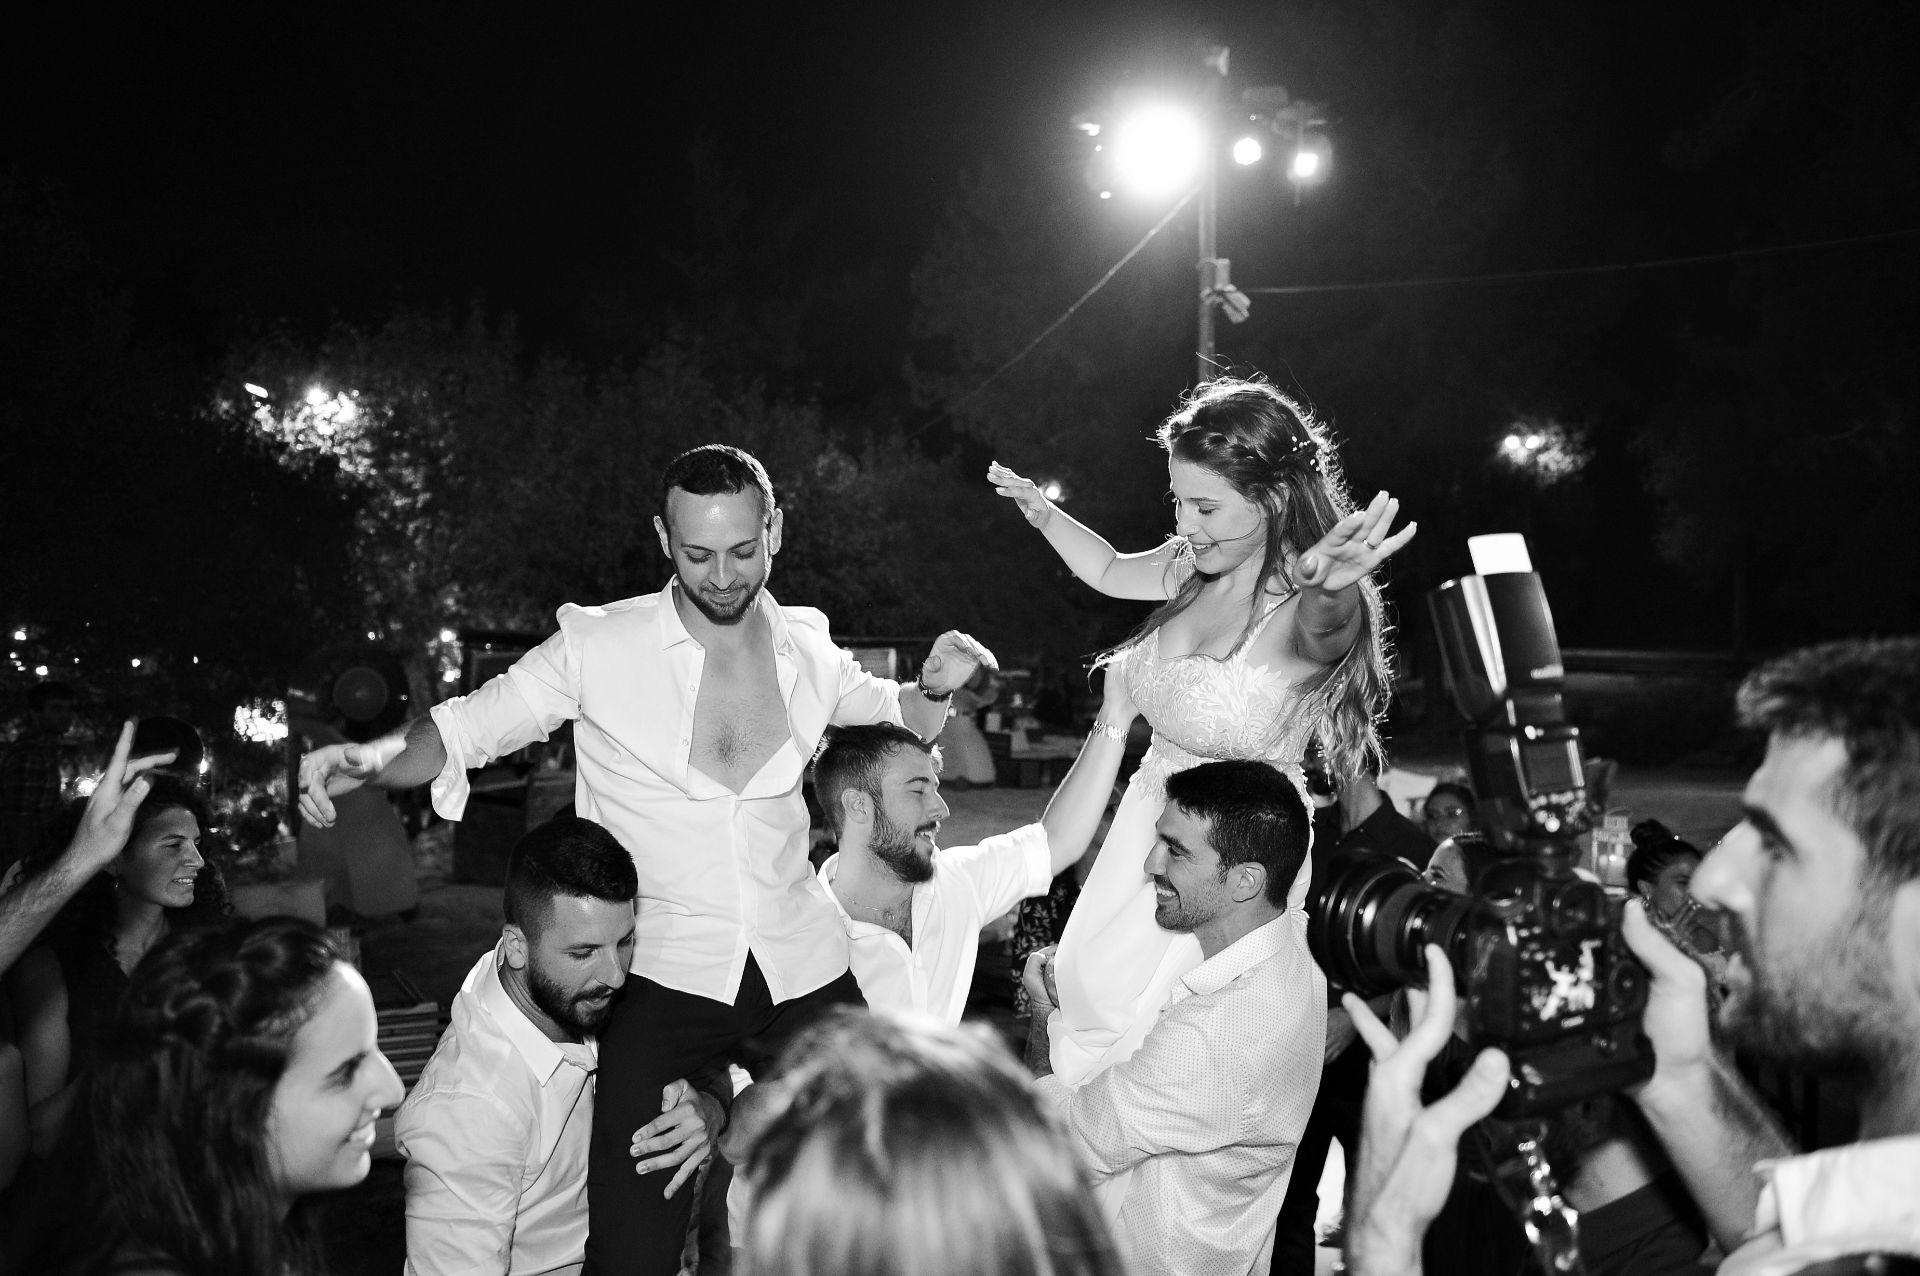 חתונה בצל הדומים